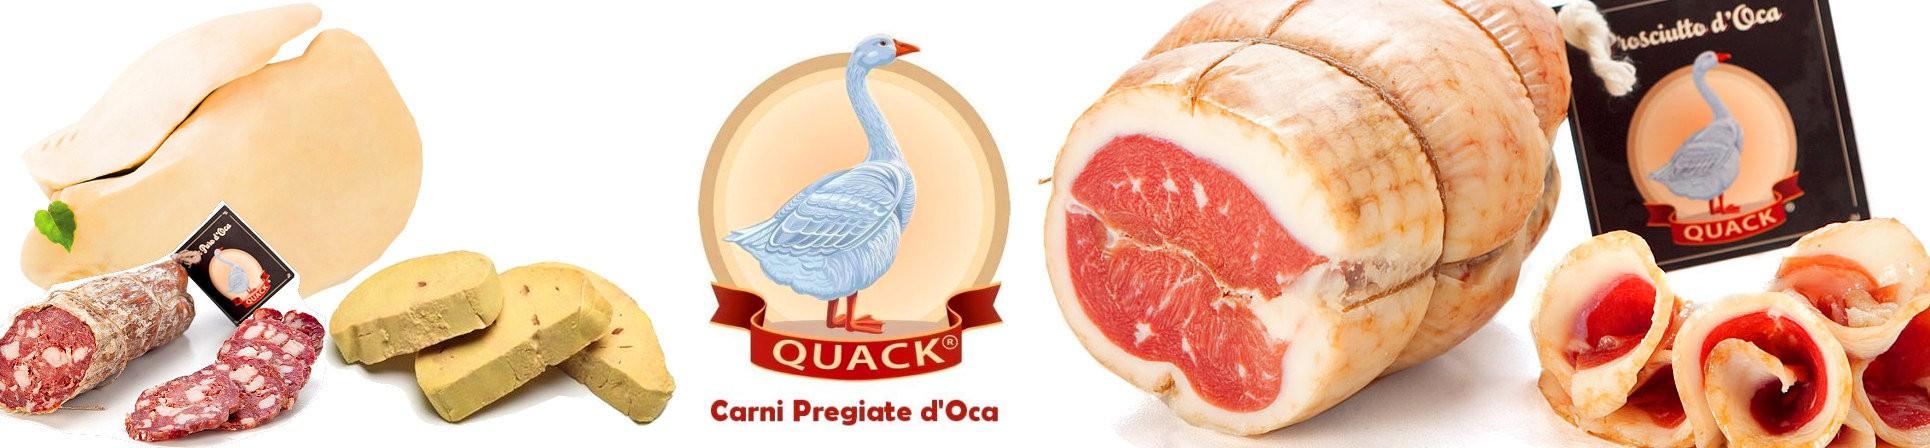 Salumi d'oca e foie gras vendita online - QUACK